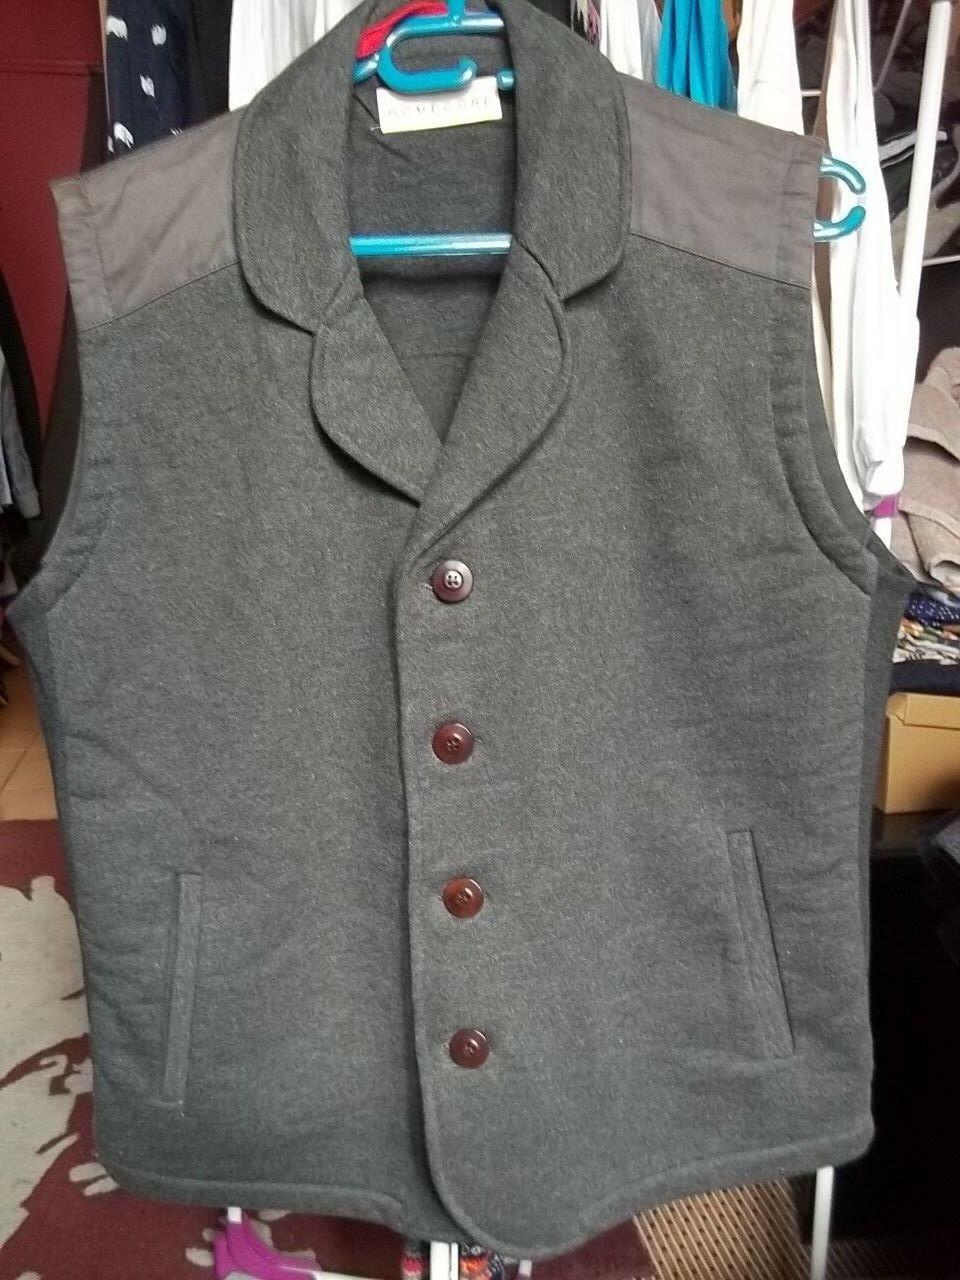 6773dfa8065 manche homme Homecore gros coton Grey vest size L sans Veste ...